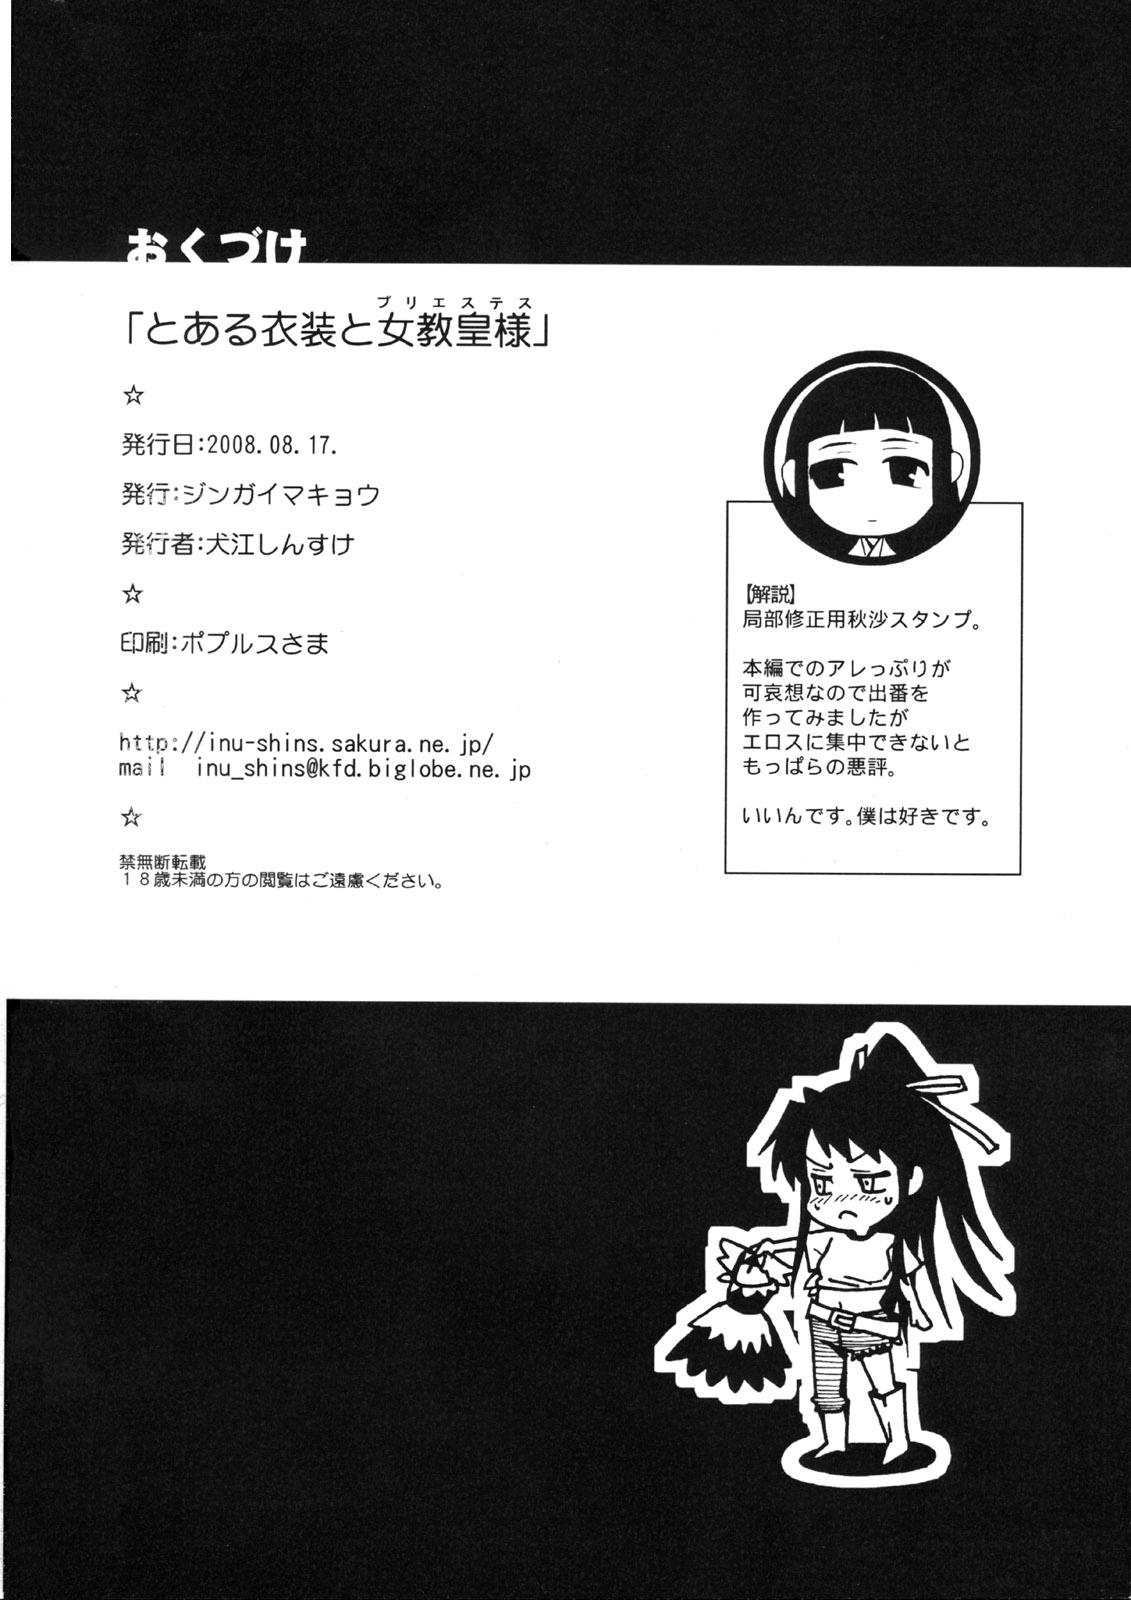 shojo majutsu dorei no mao shokan isekai to Prince of whales azur lane